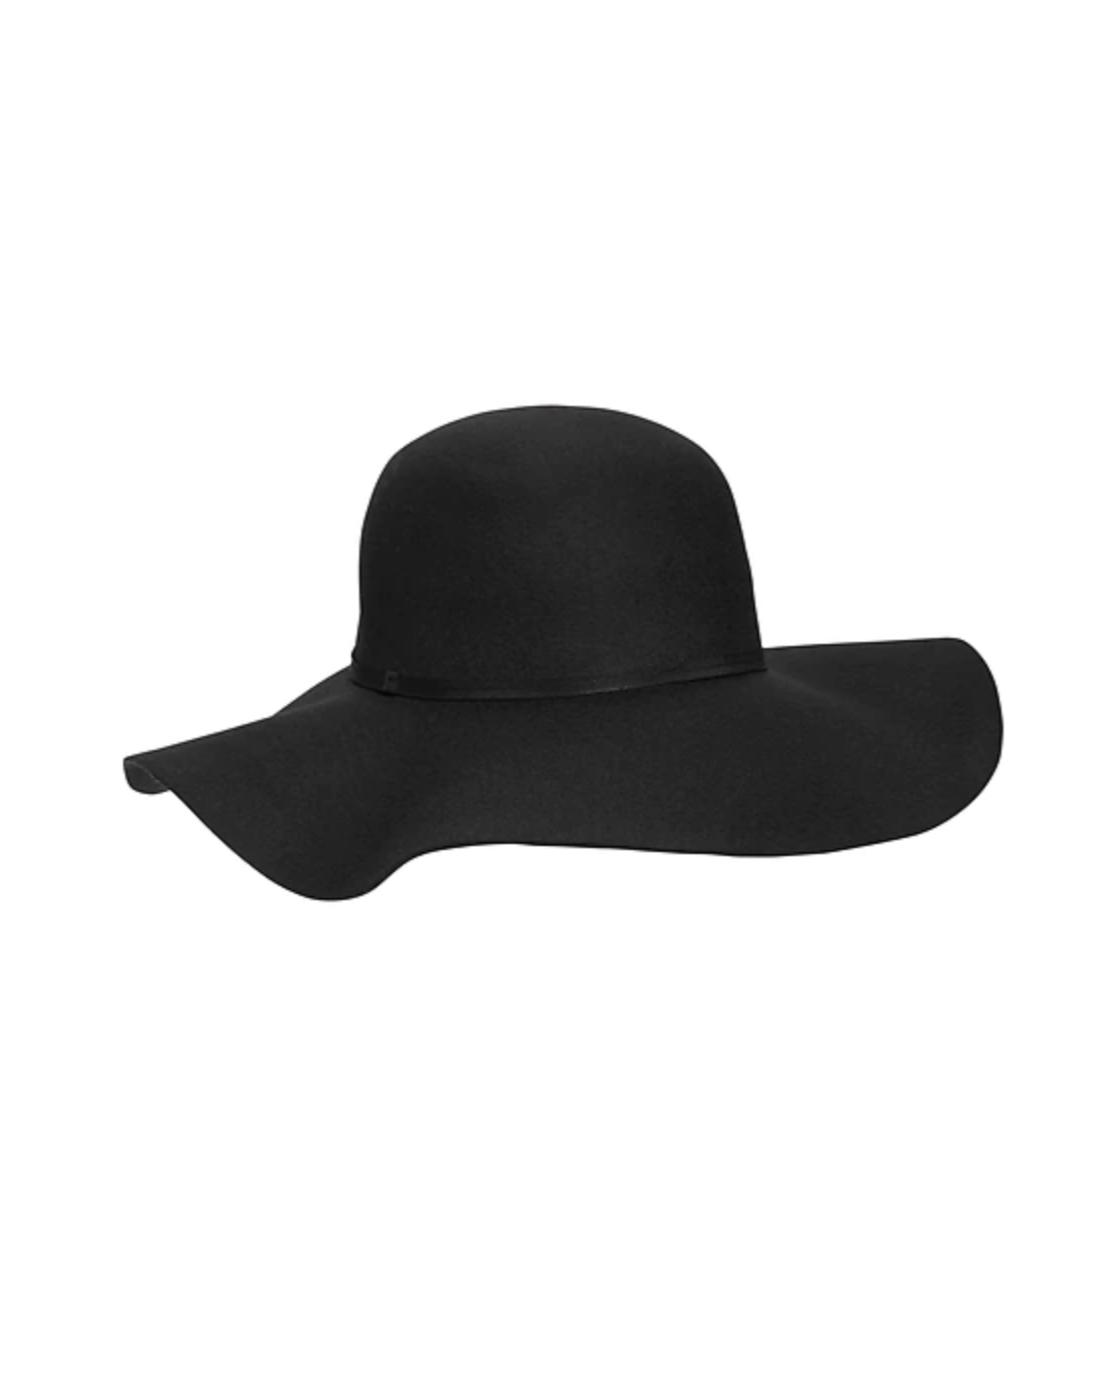 Old Navy Floppy Hat